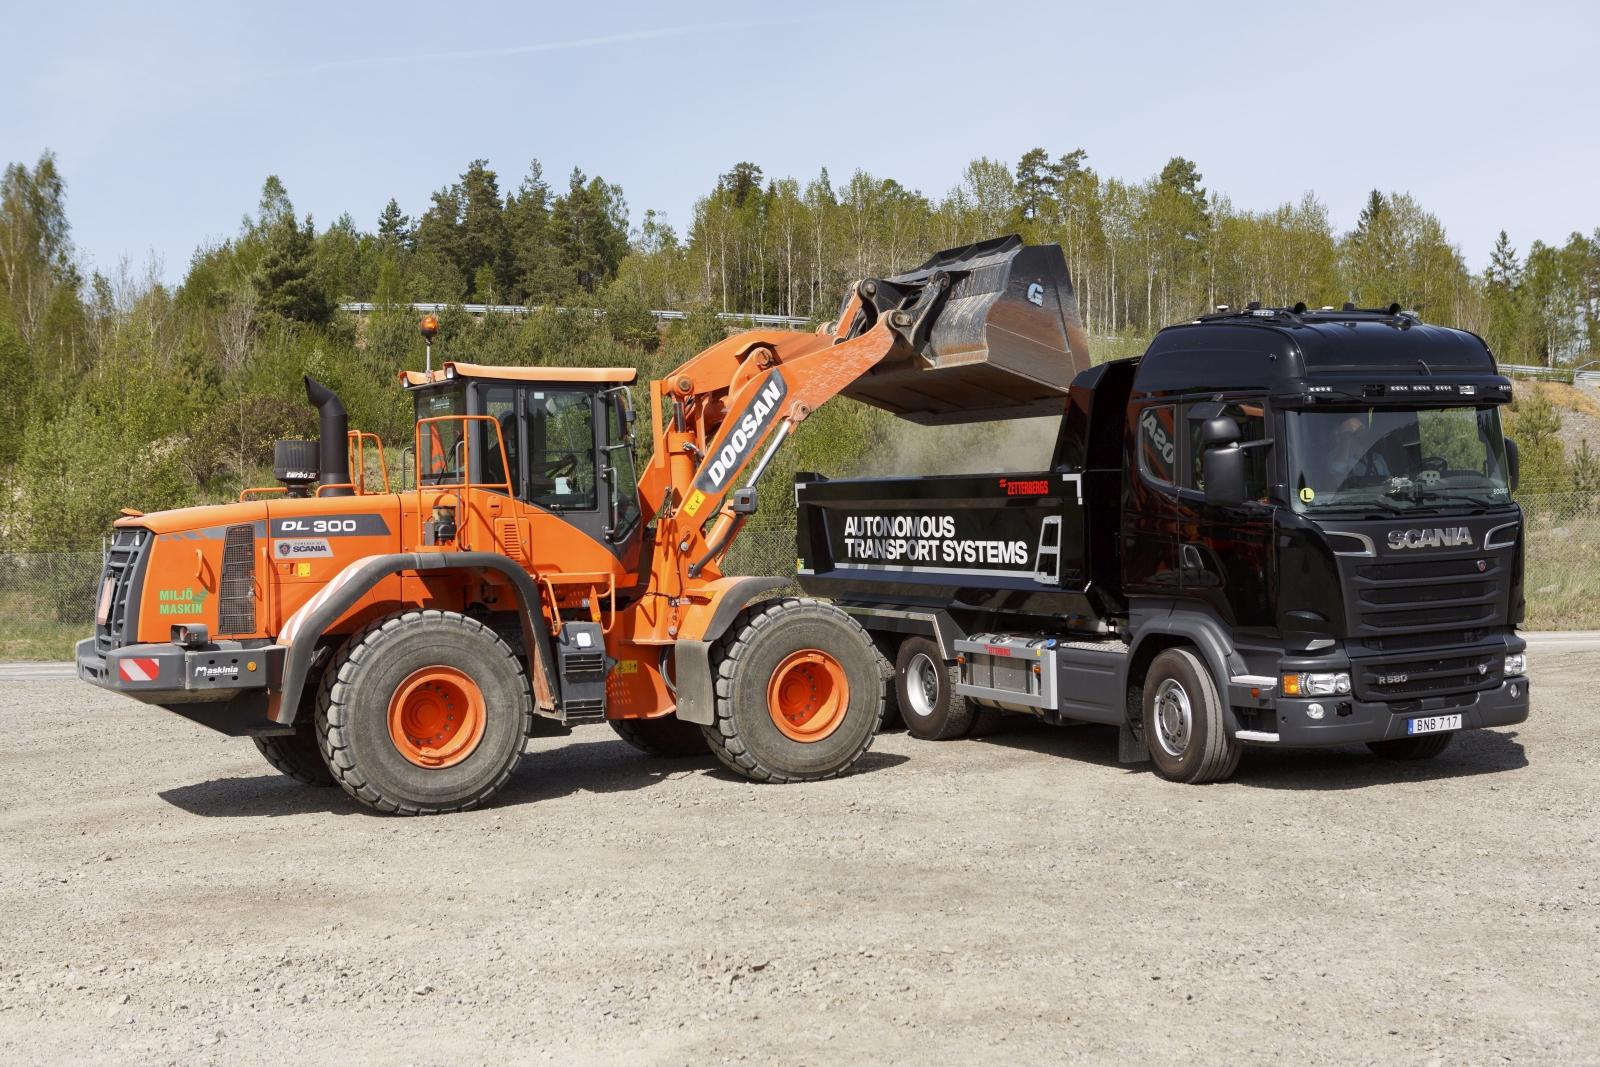 Scania önműködő közlekedési rendszer